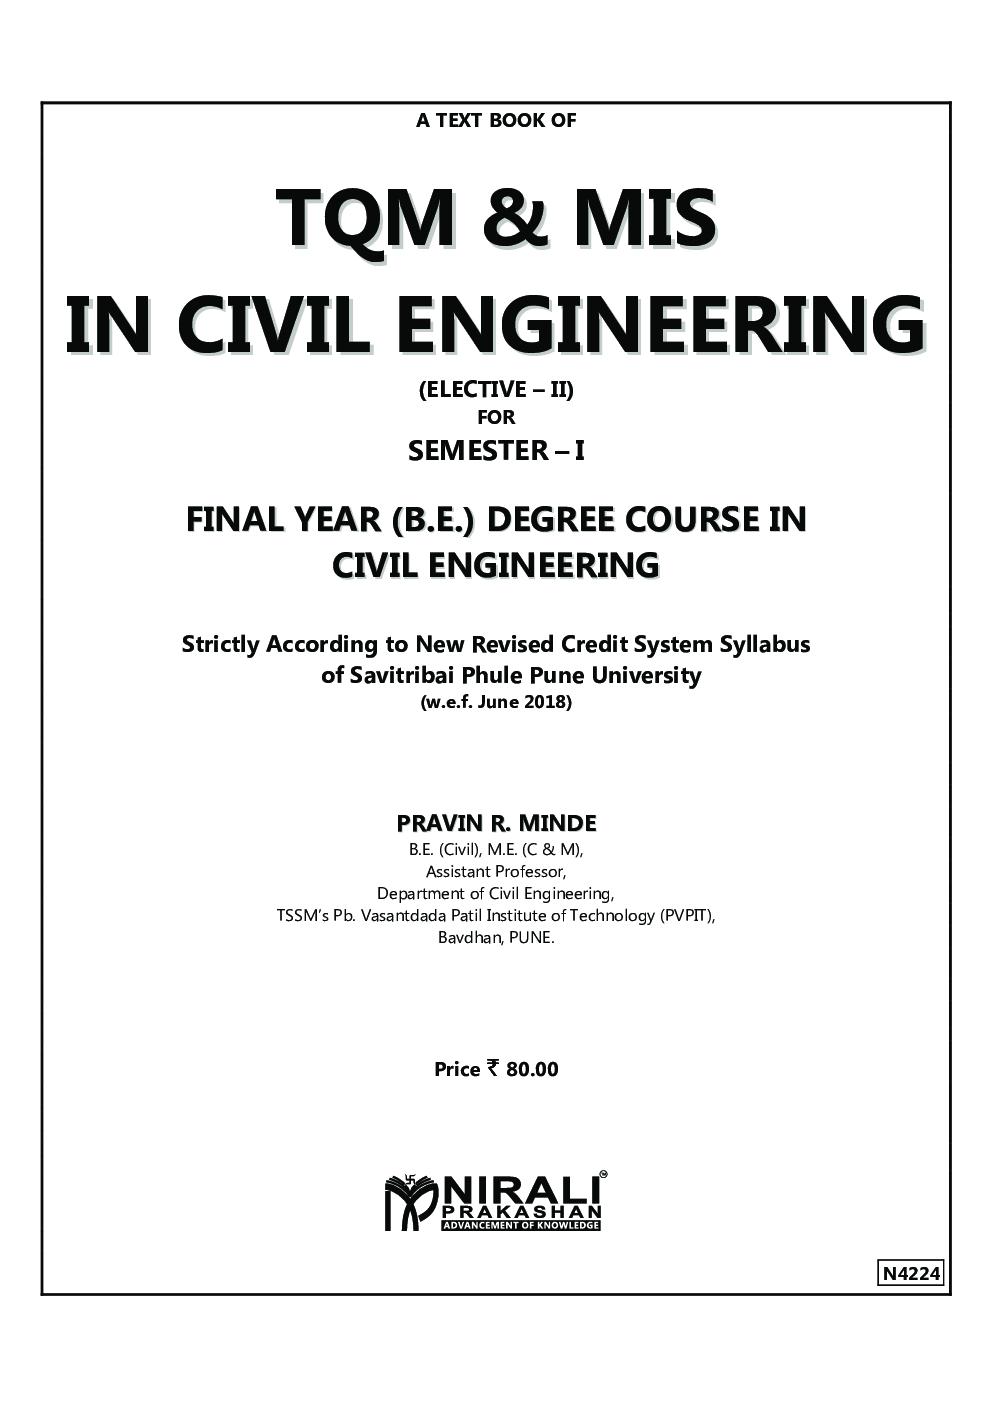 TQM & MIS In Civil Engineering - Page 2